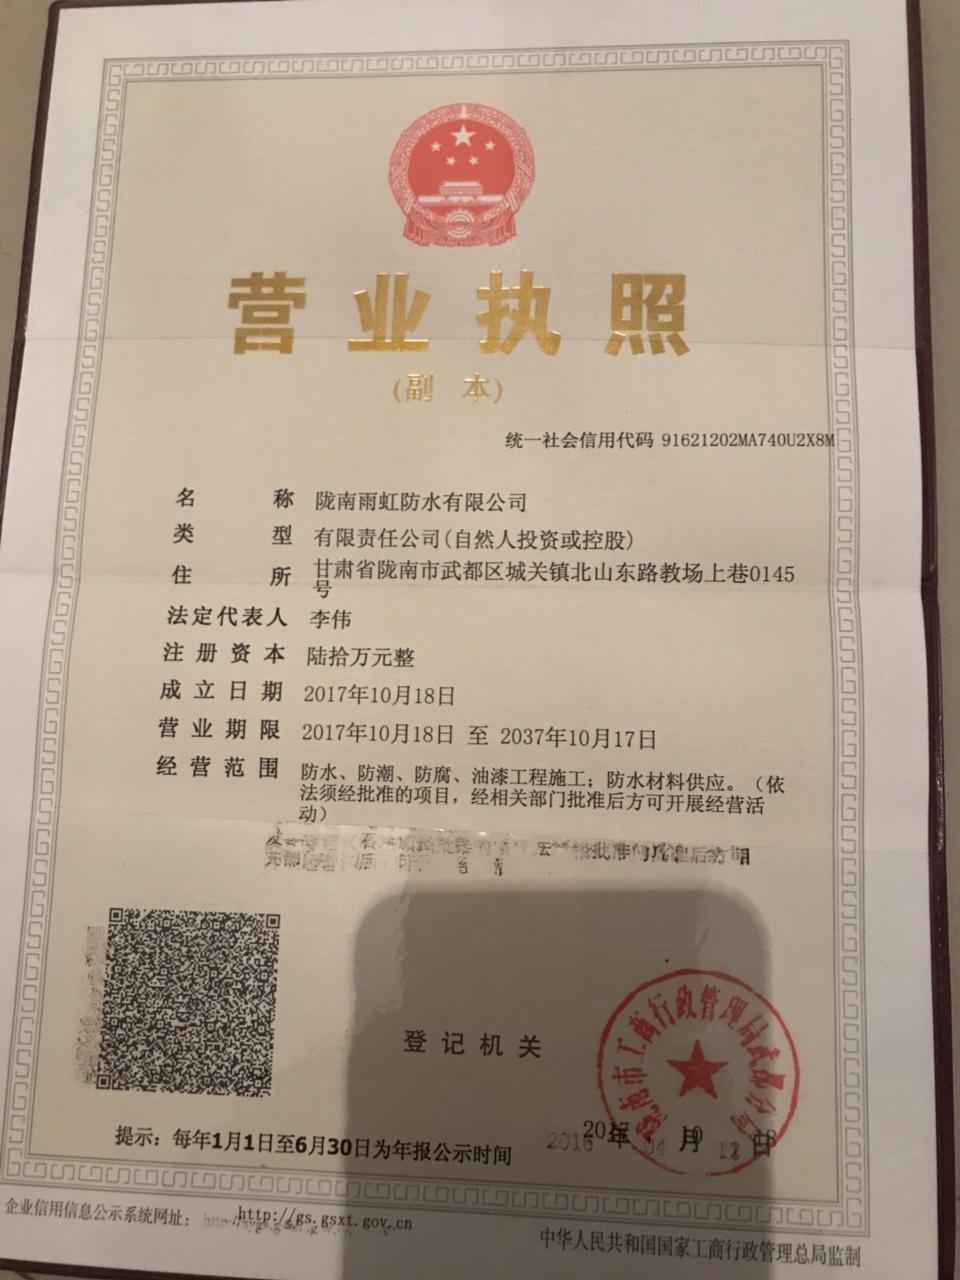 陇南雨虹防水有限责任公司